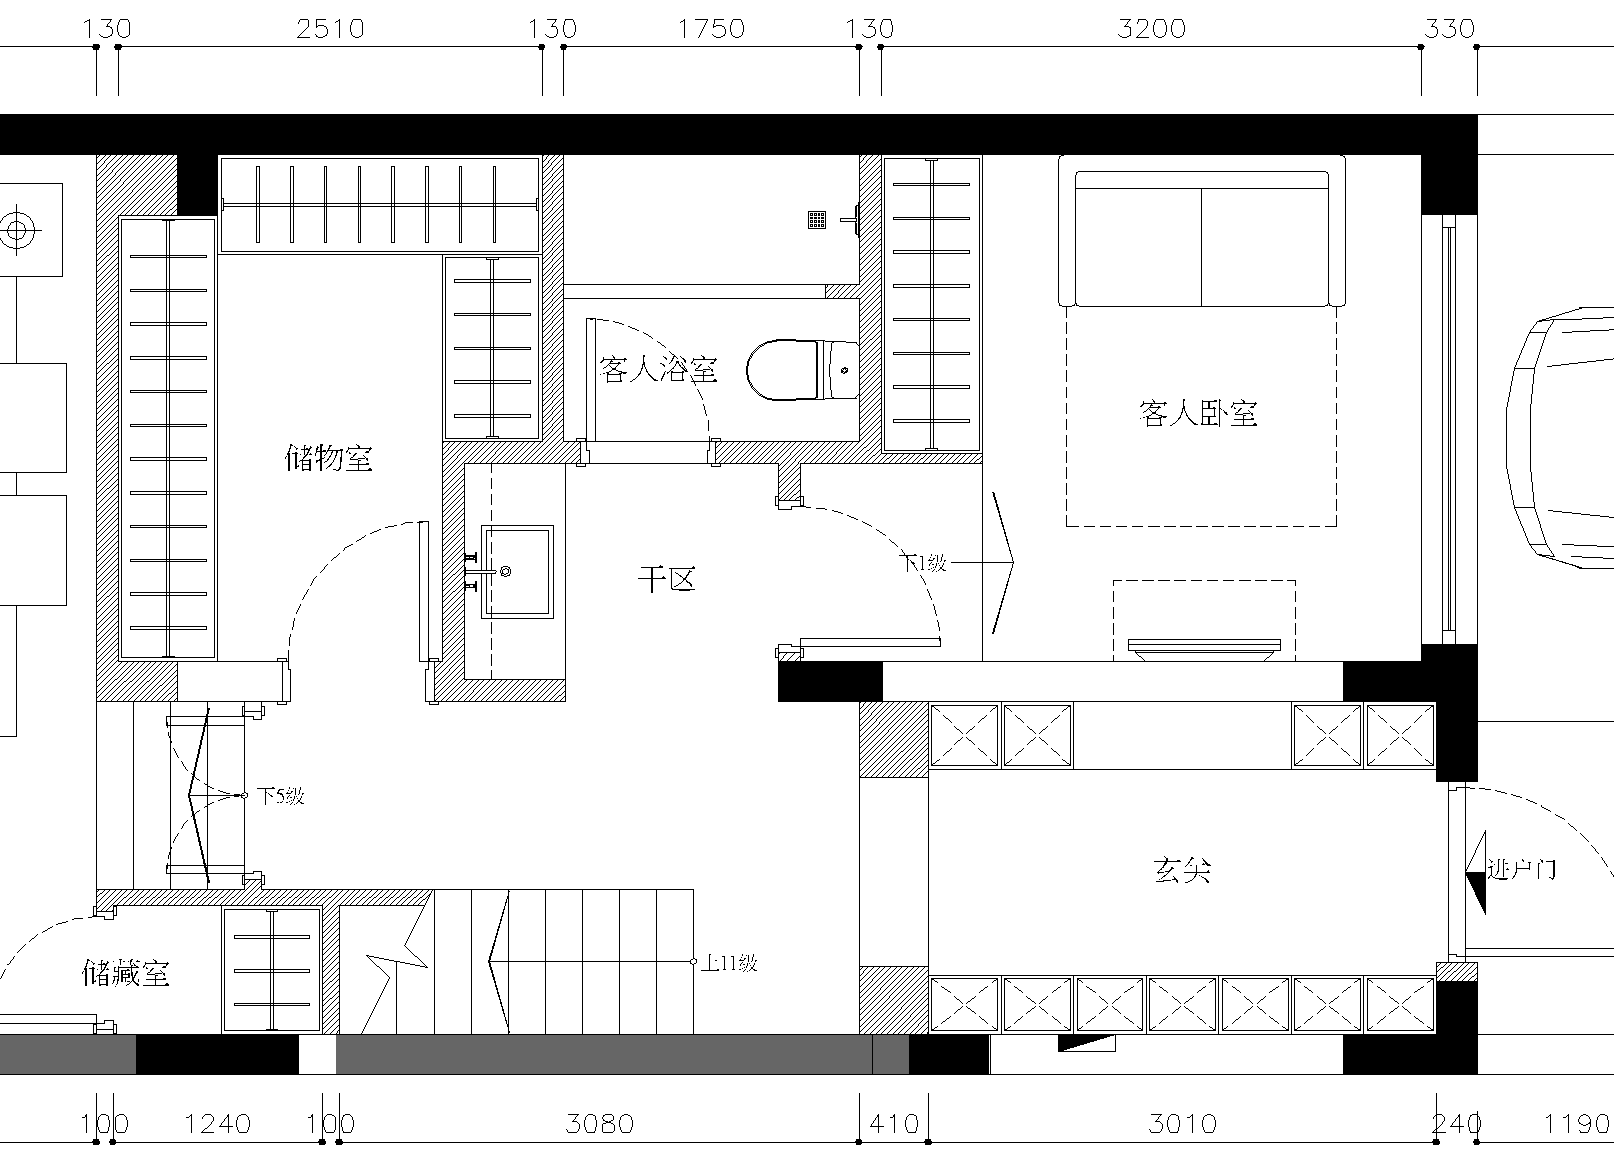 万科白马花园     明中路1010弄257号0731-Model_副本.png